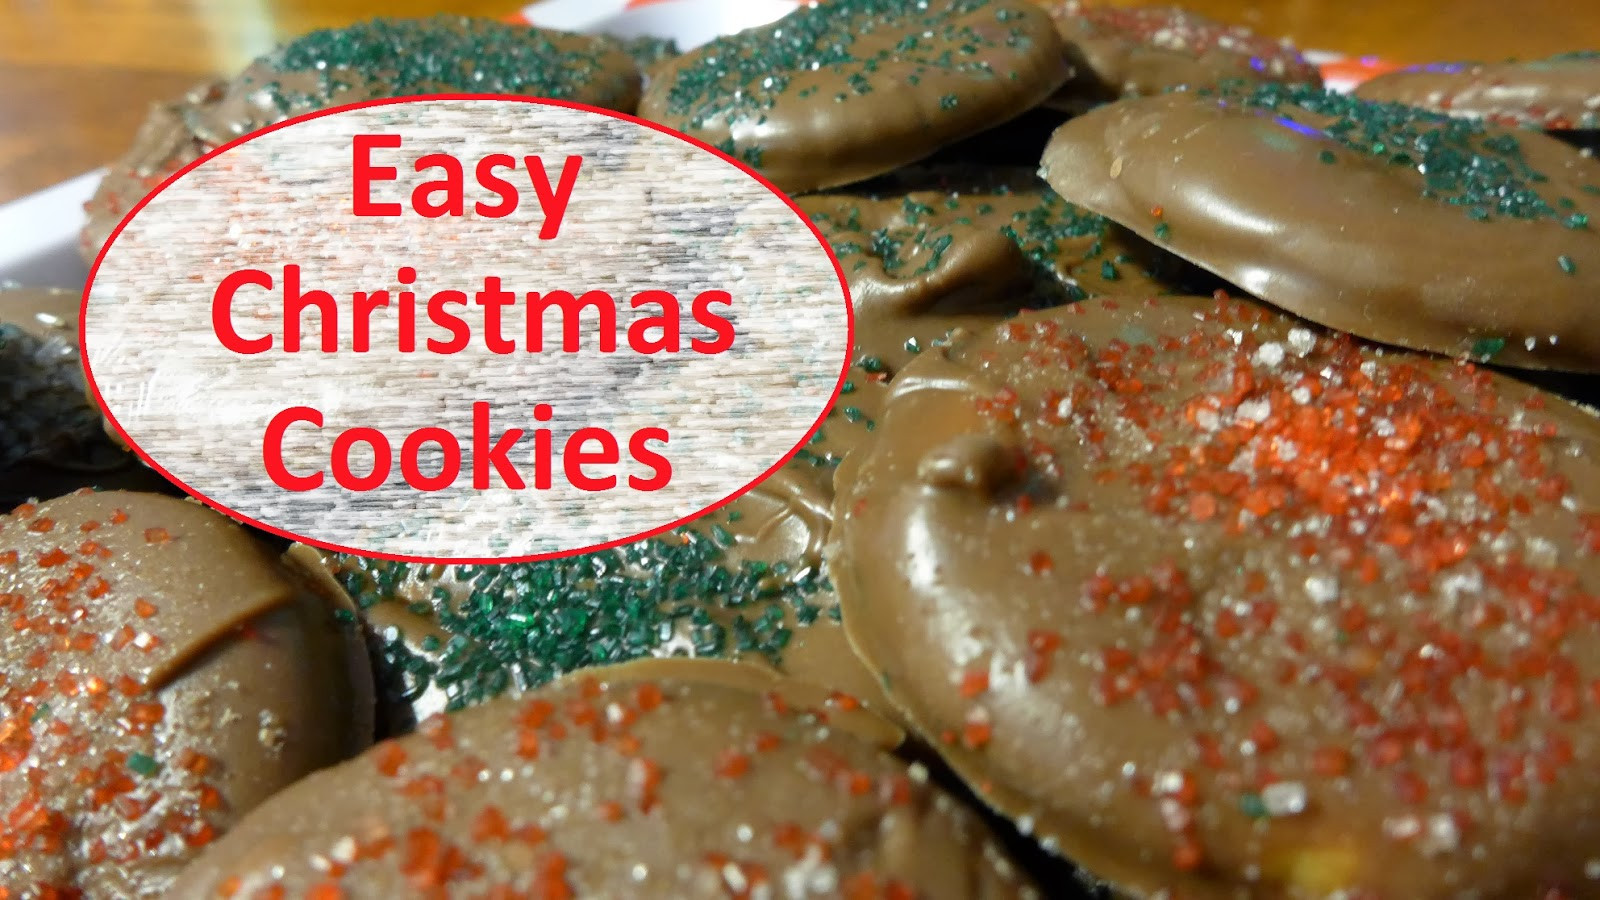 Make Christmas Cookies  EasyMeWorld How To Make Easy Christmas Cookies